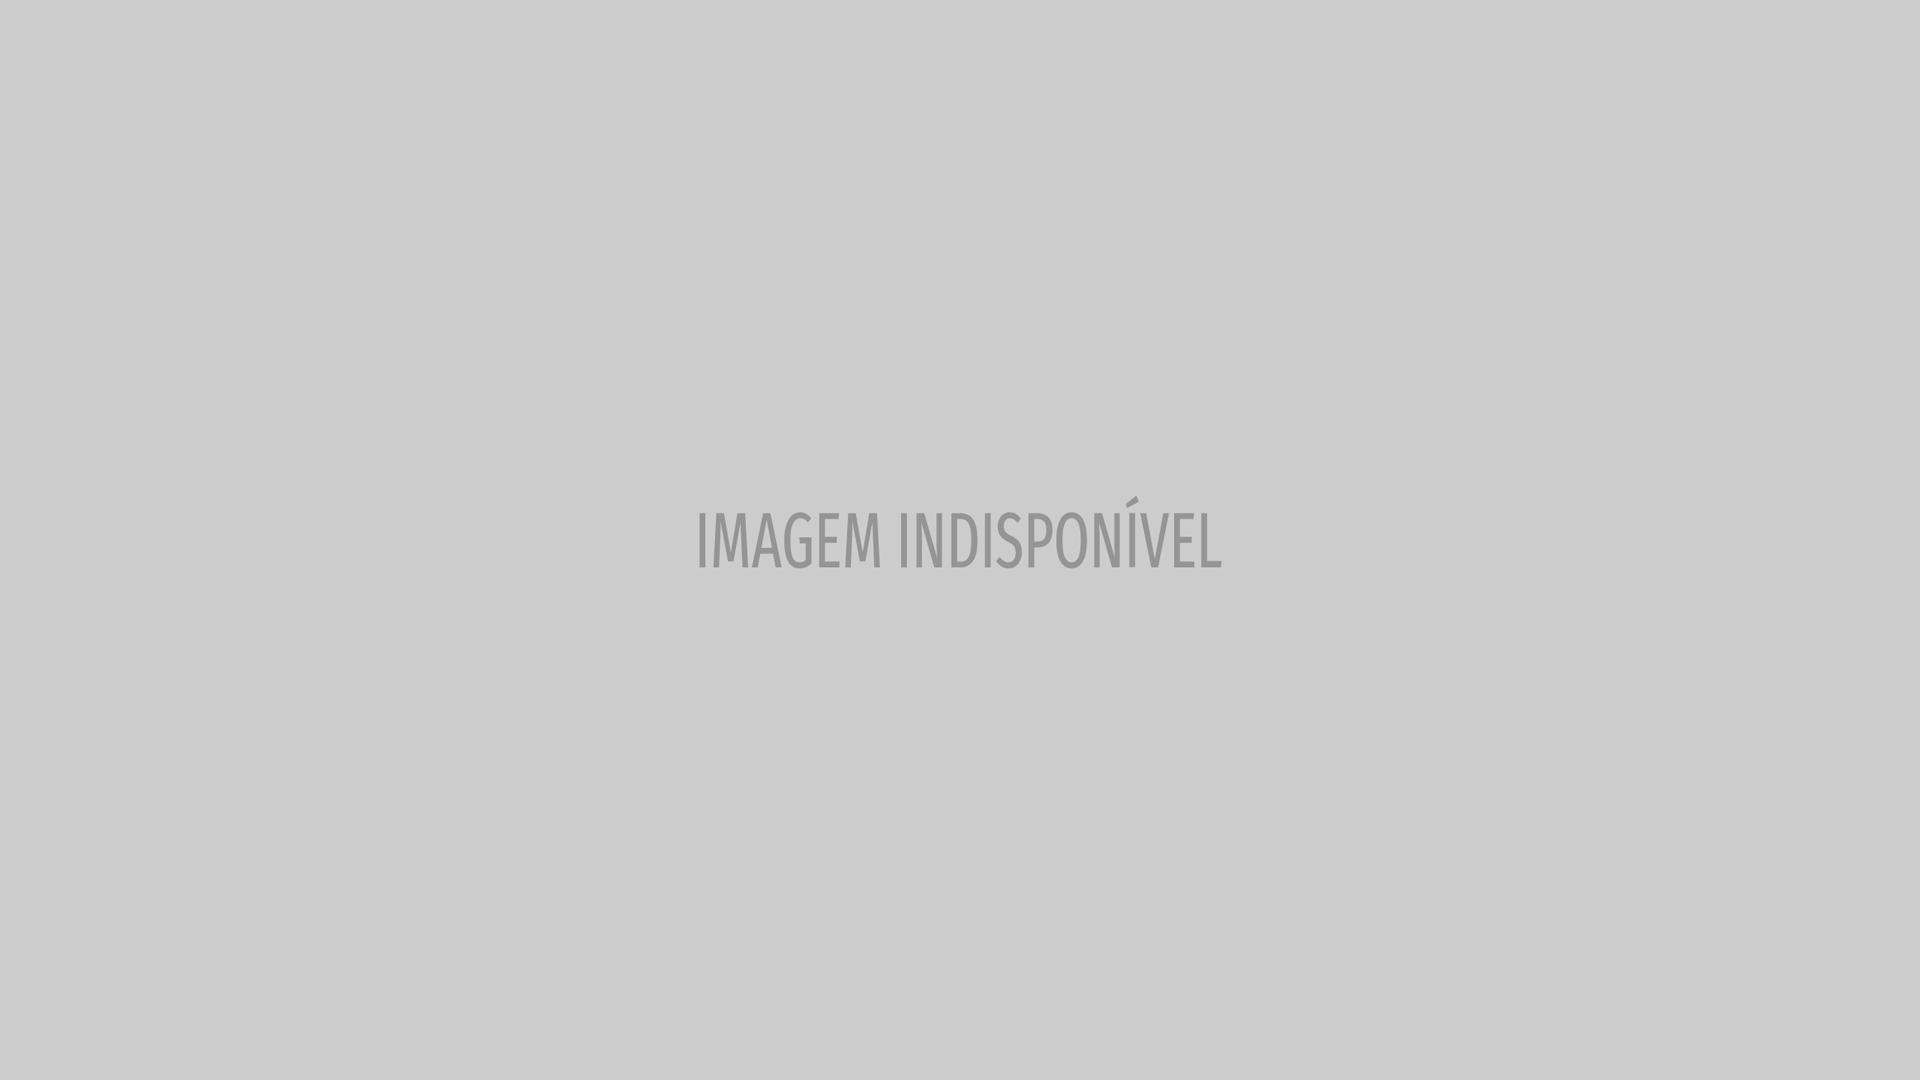 Marquezine vê jogo de Neymar na França ao lado de Davi Lucca